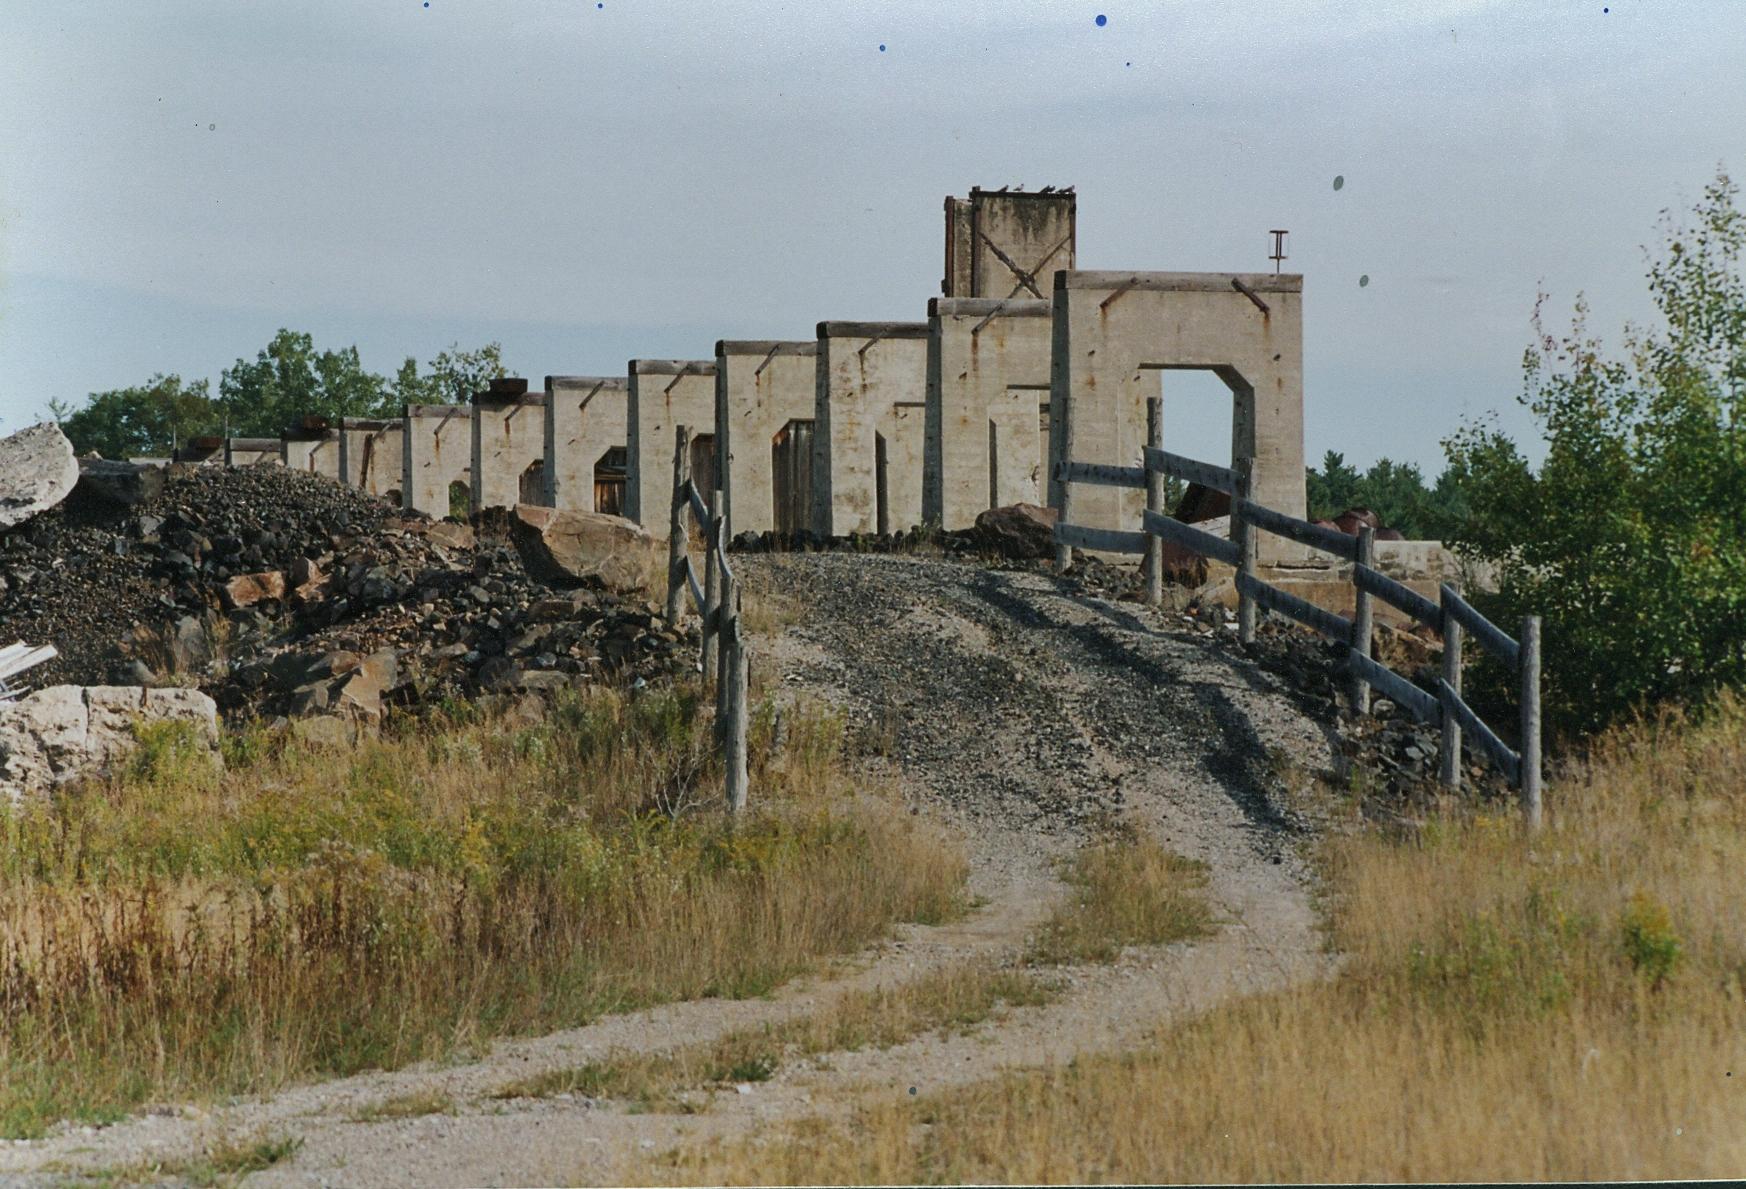 1990 abandonned elevated tracks